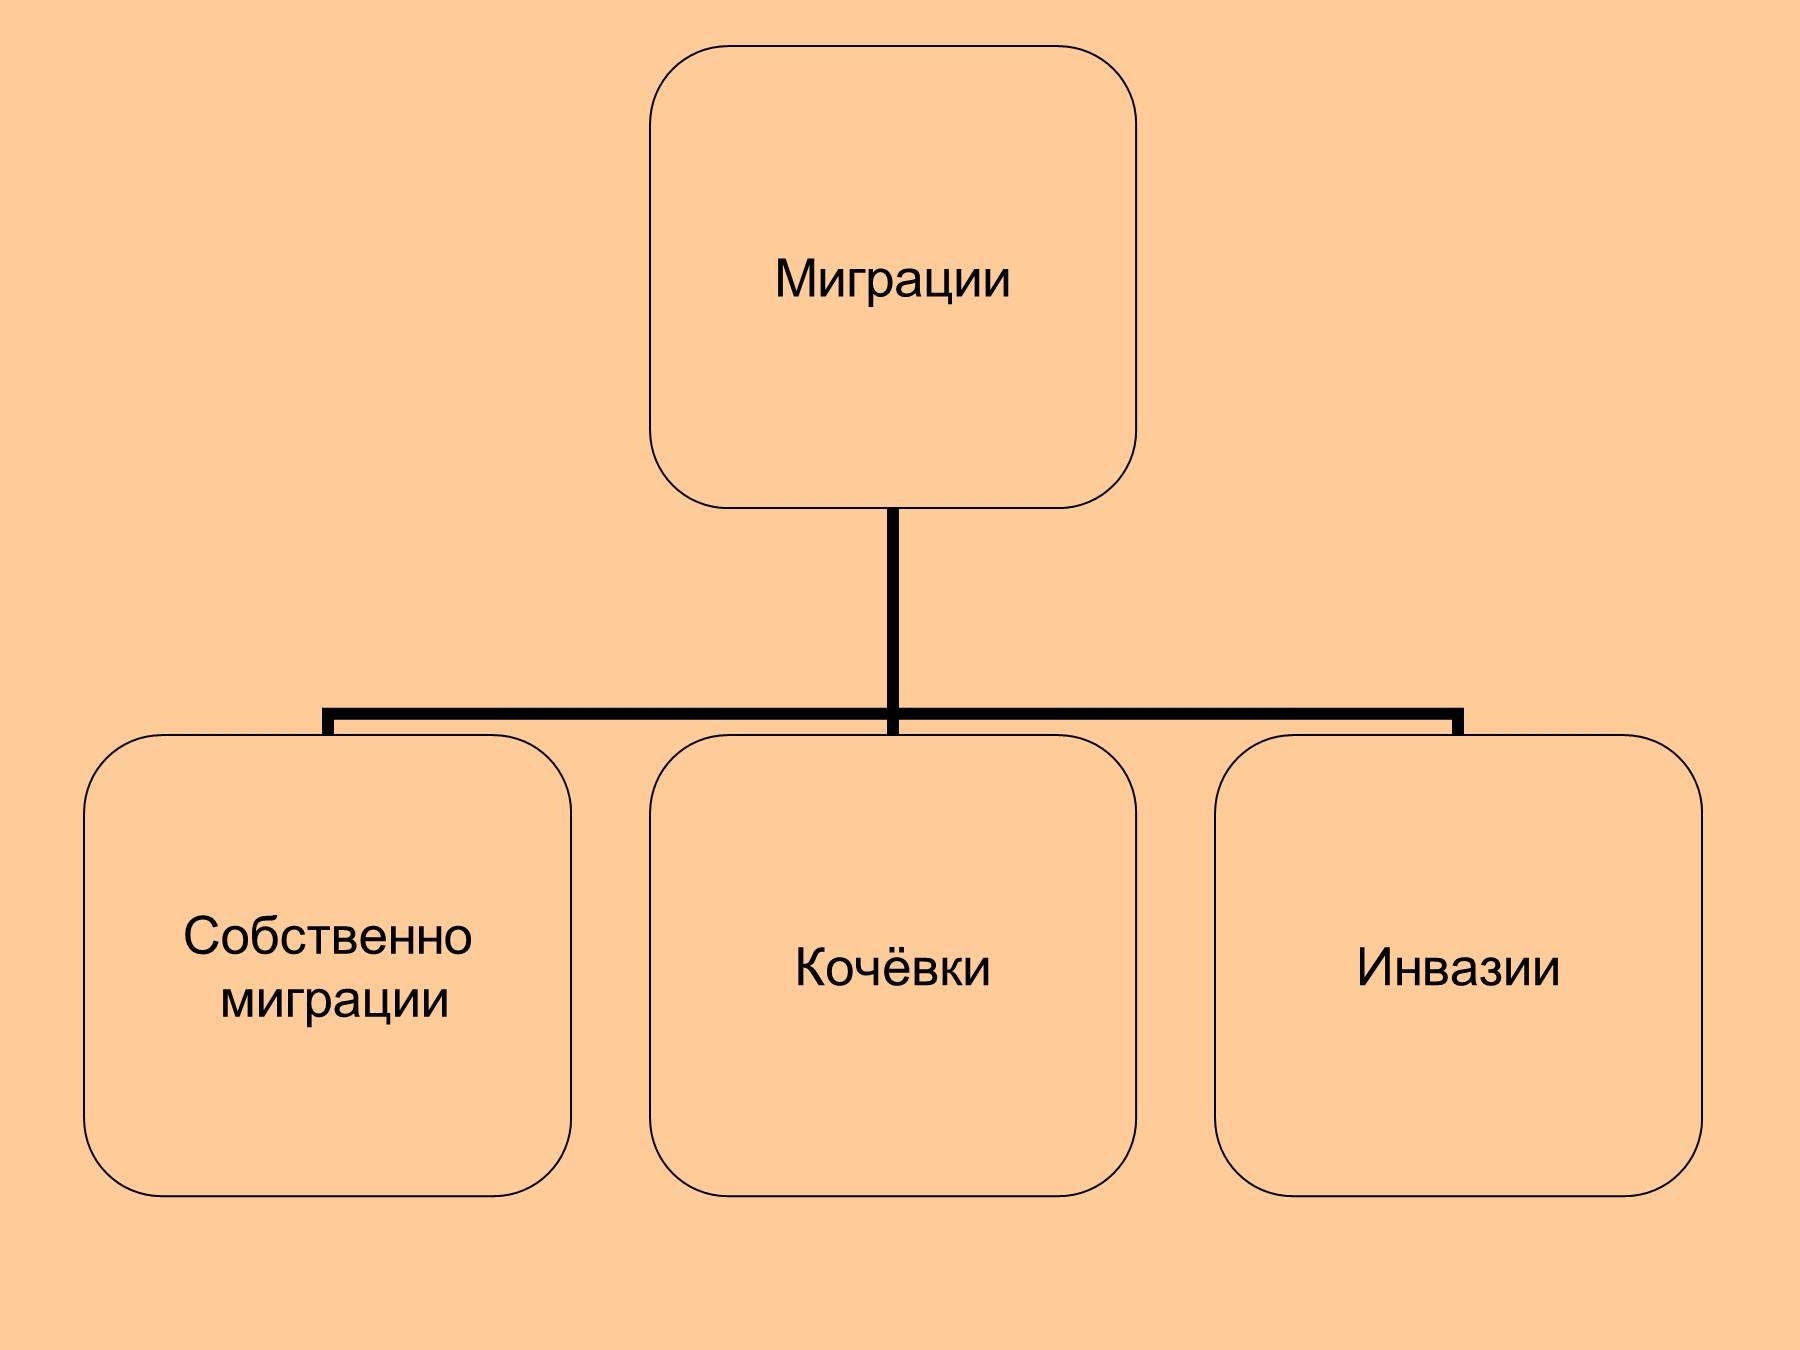 презентация по биологии на тему происхождение животных